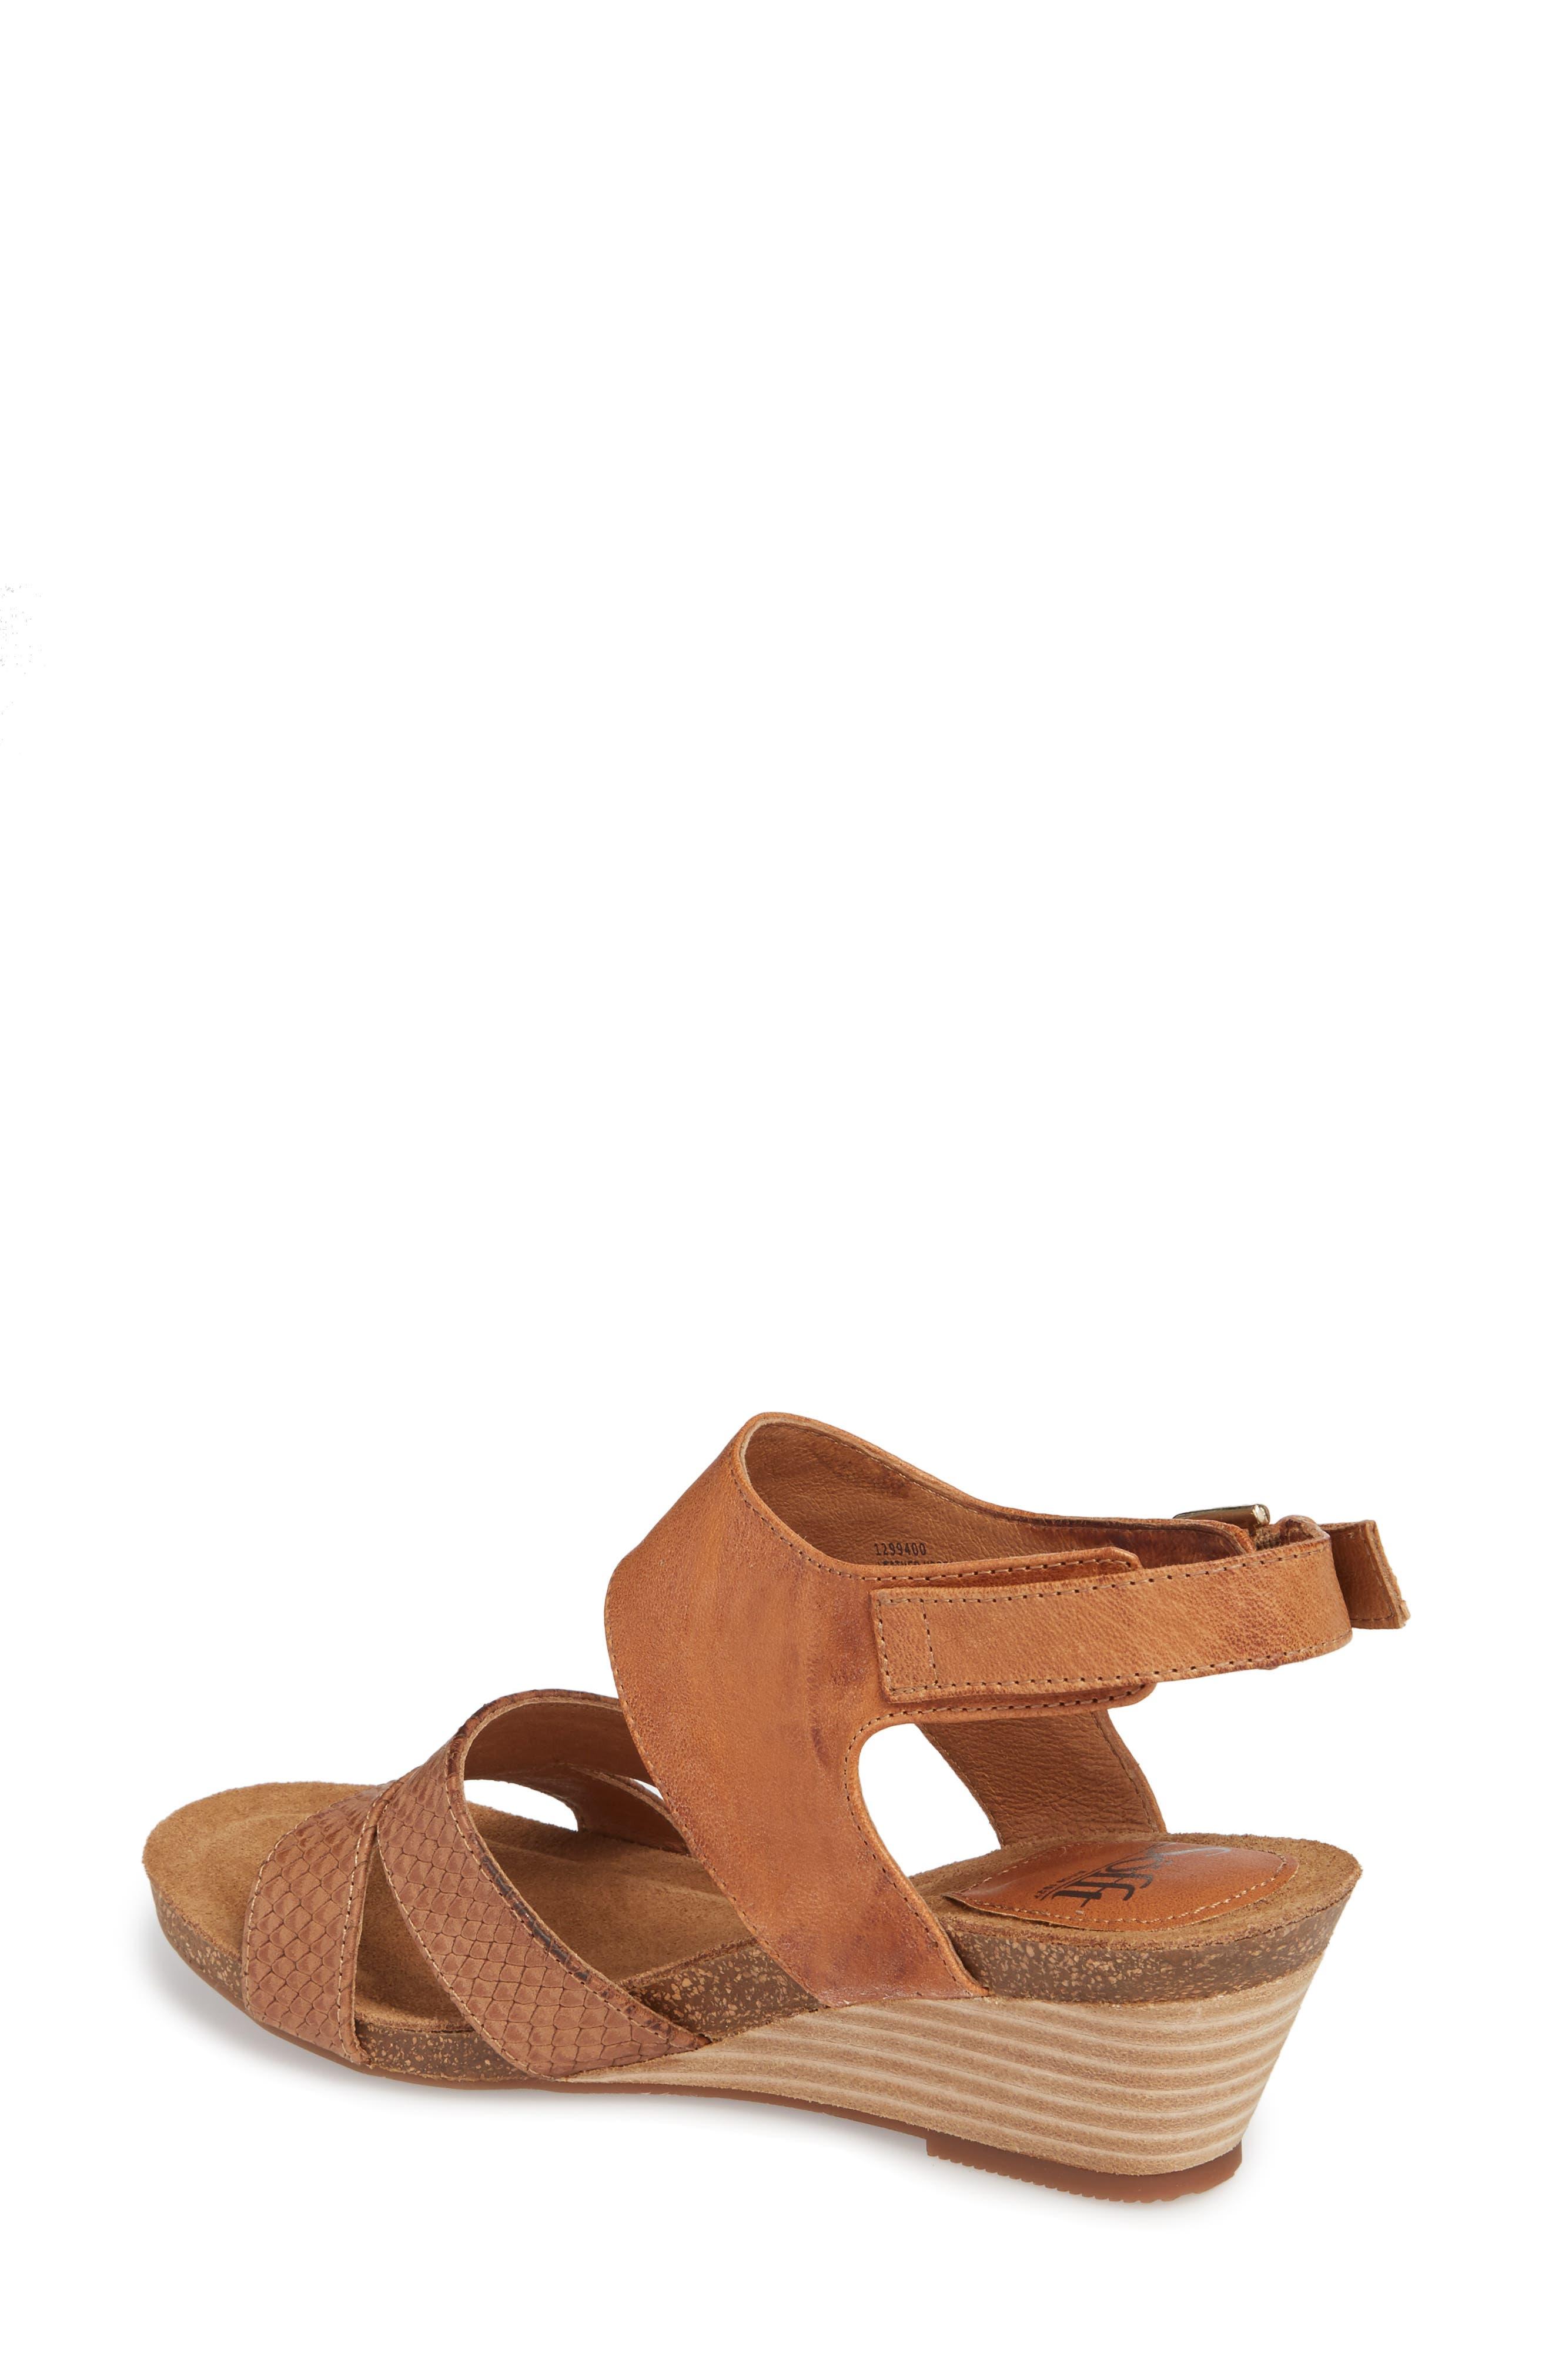 Velden Wedge Sandal,                             Alternate thumbnail 6, color,